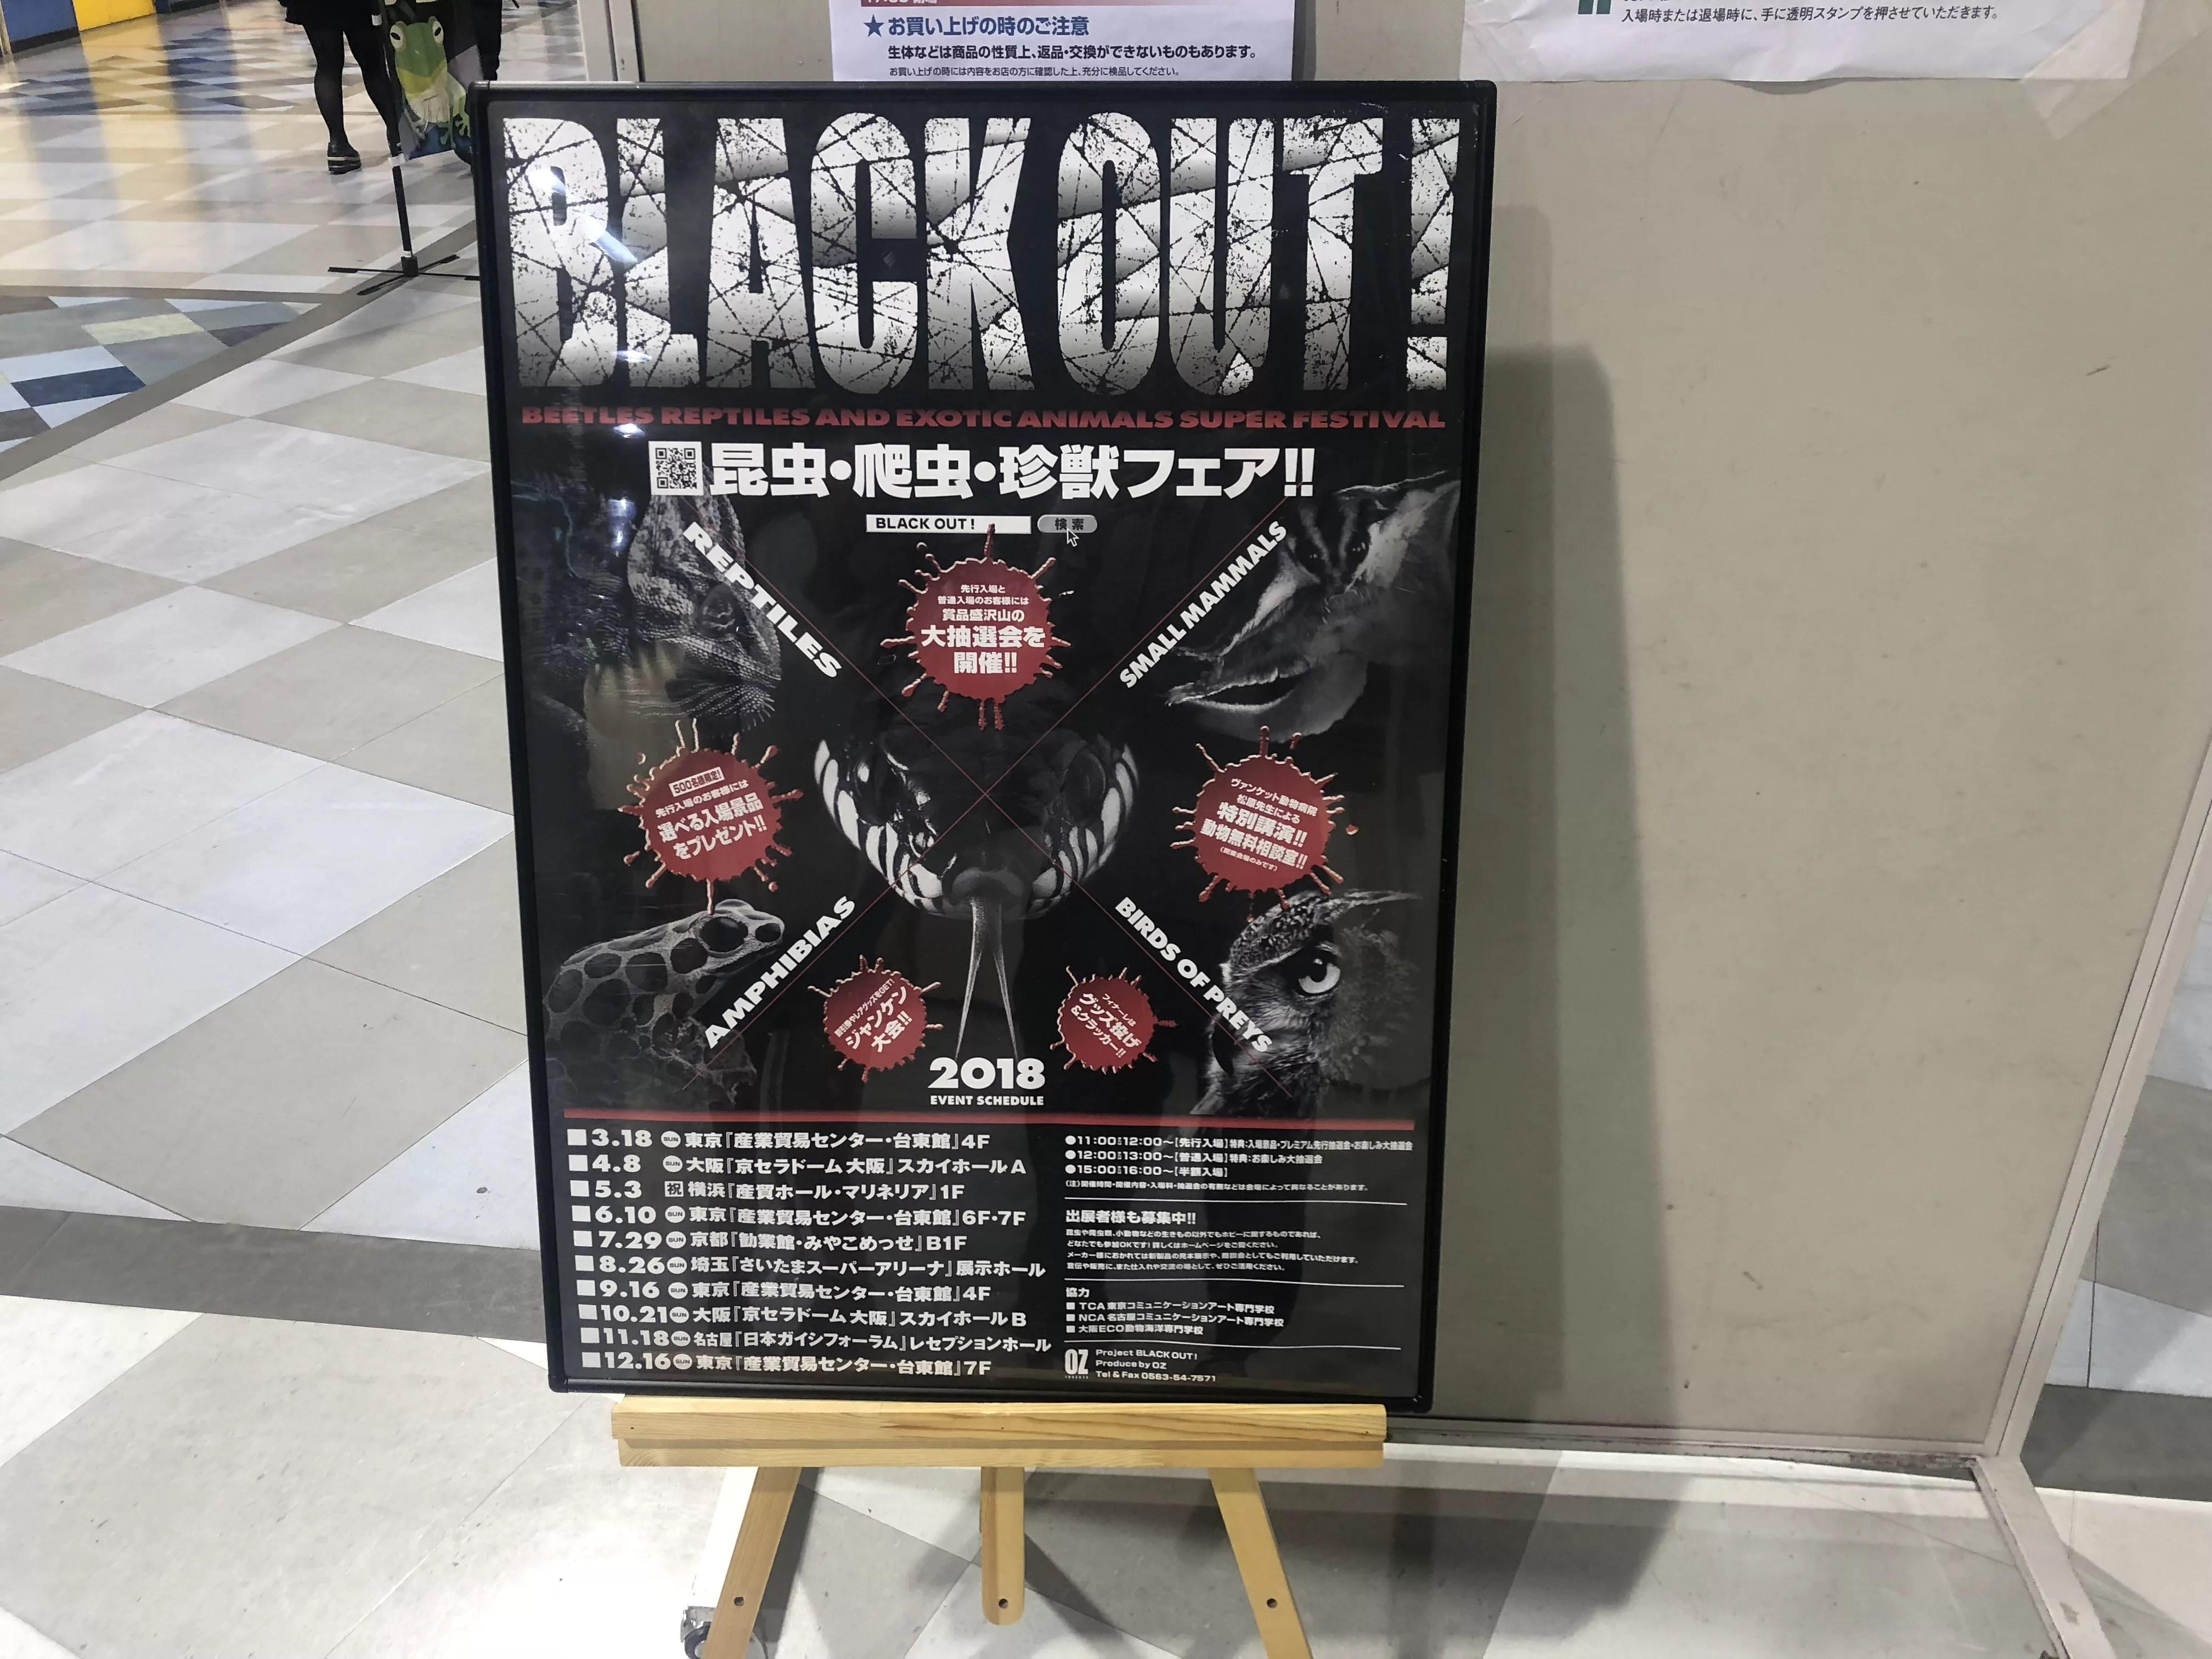 爬虫類イベントの珍獣フェア BLACK OUT!に行ってきました♪IN大阪